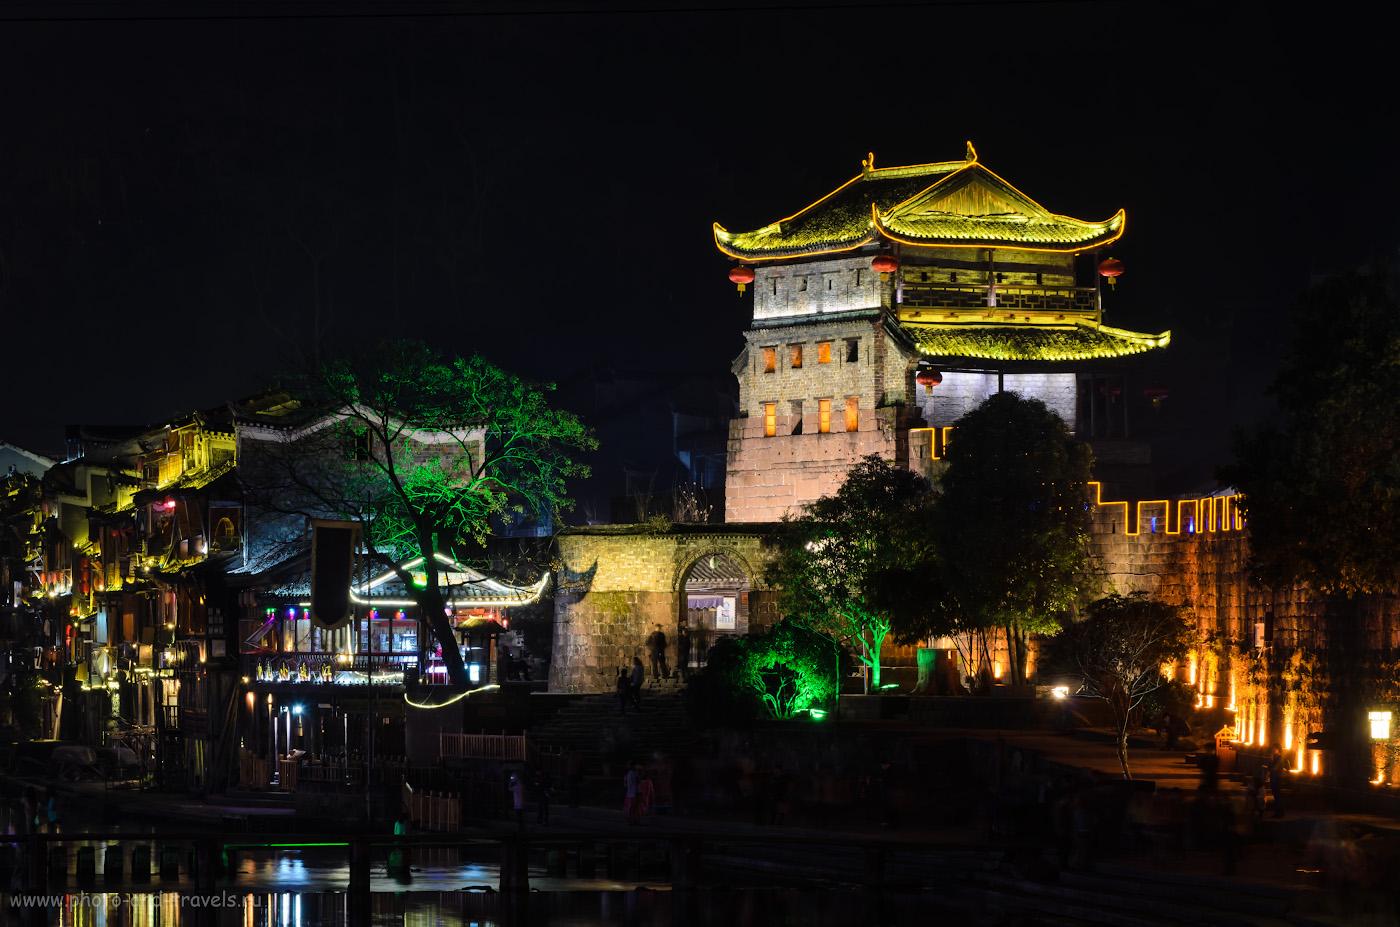 15. Зеркалка Nikon D5100 с телевиком Nikon 70-300 снимает резко даже ночью, будучи установленной на штатив Sirui T-2204X-G20X. Ночной город Фэнхуан в Китае. 6, 11.0, 100, 122.